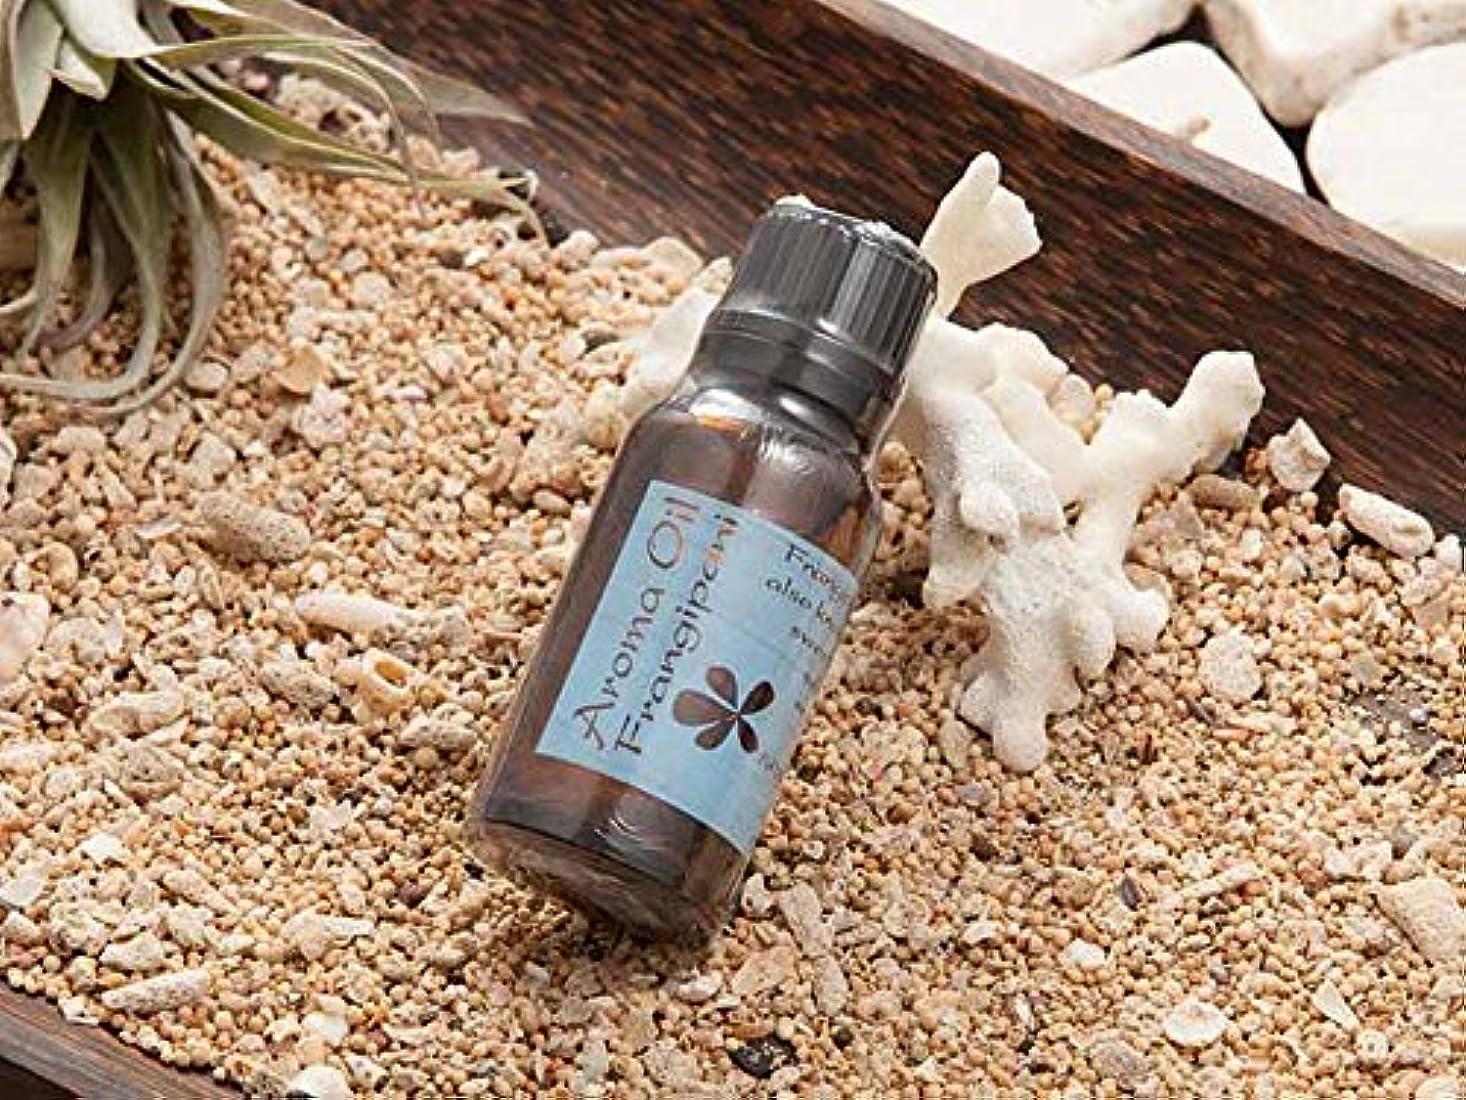 弱い慣習シルエット寛ぎのひと時にアジアンな癒しの香りを アロマフレグランスオイル 5種の香り (アラムセンポールALAM ZEMPOL) (Frangipani フランジパニ)